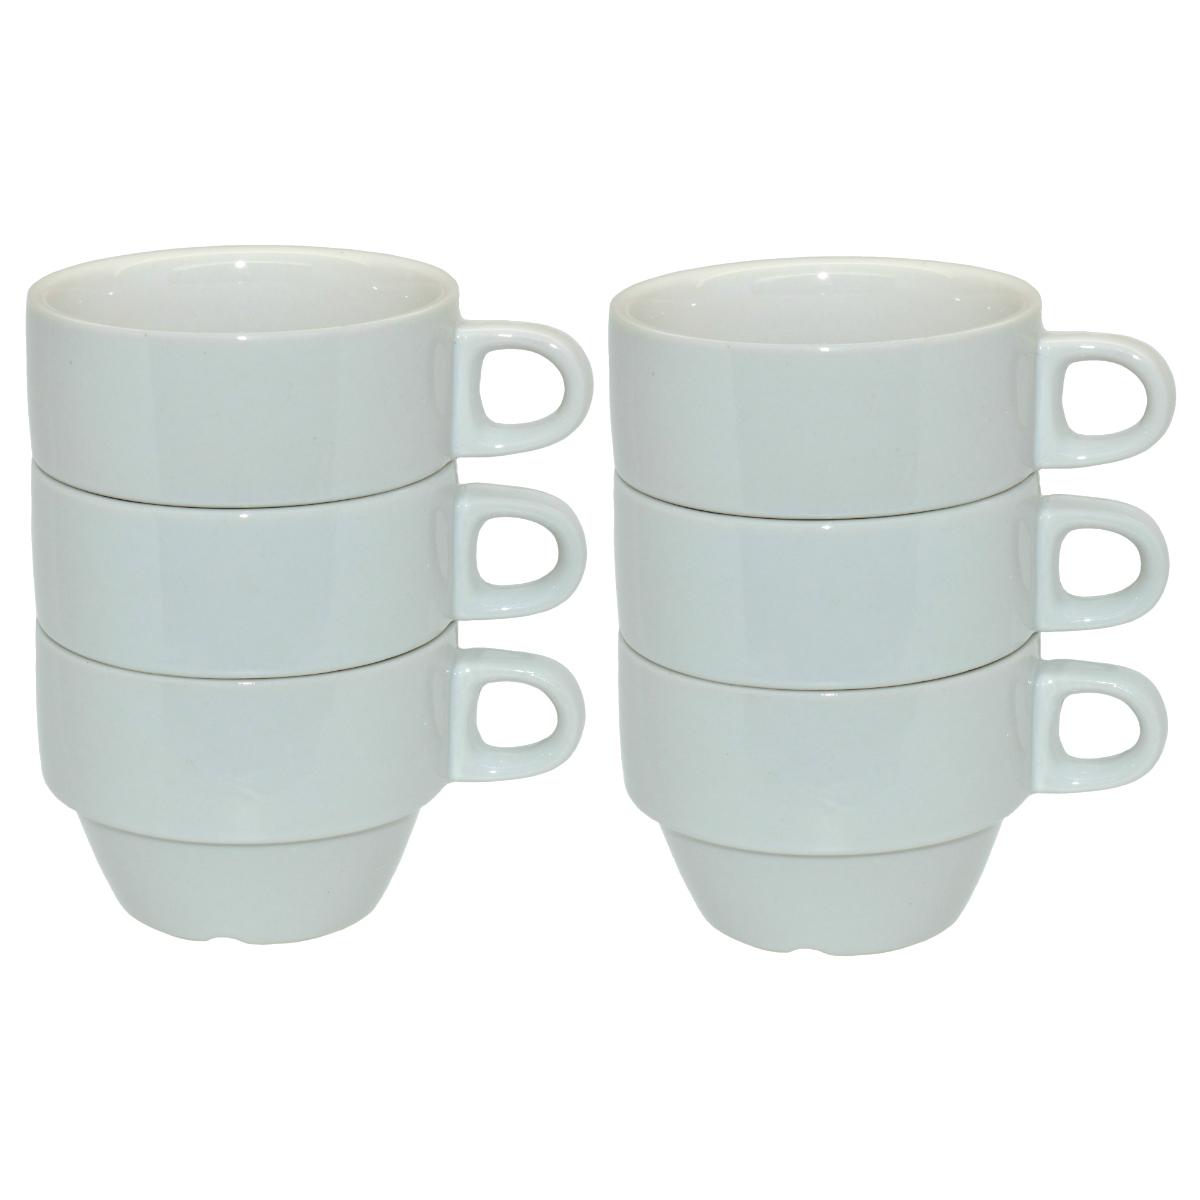 6er Pack Porzellan Tassen Weiss Zum Bemalen 210ml H 8 5 X O 6cm